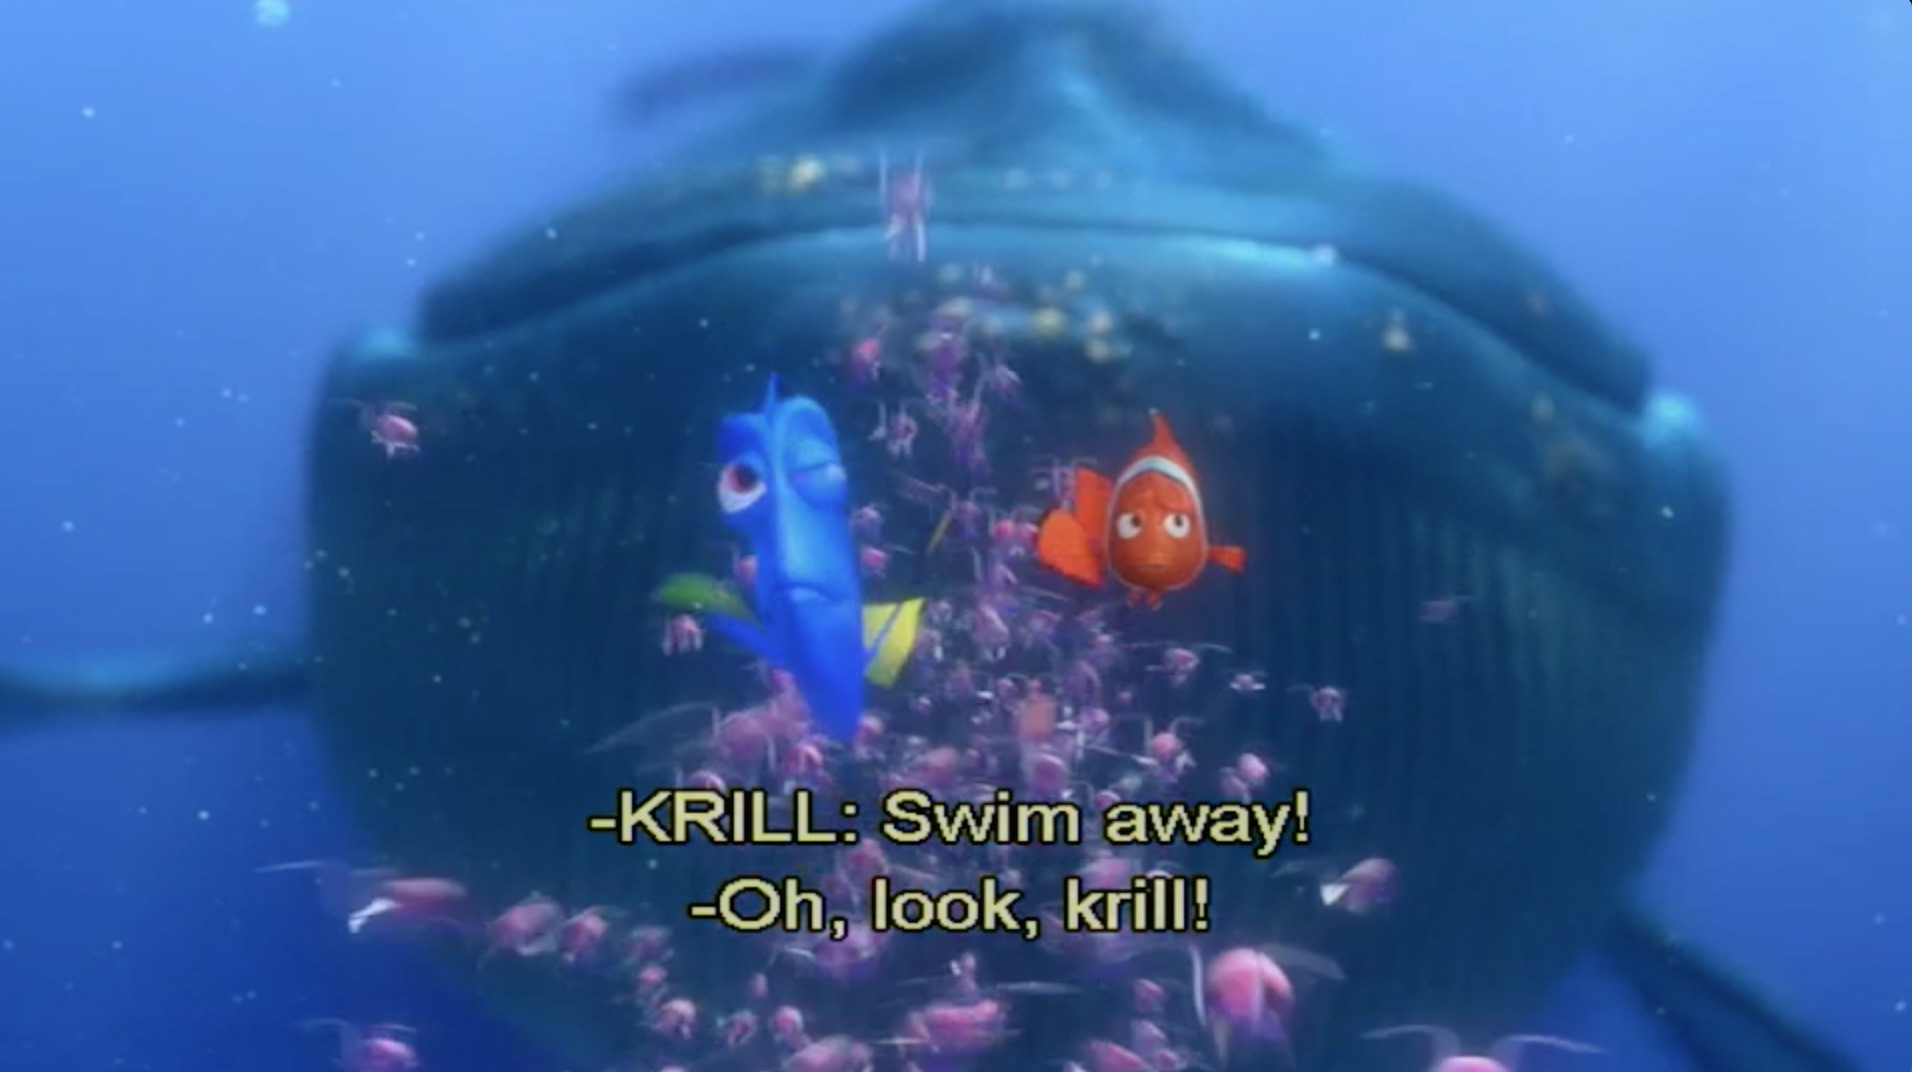 Krill-үүд: -Зугтаарай!  Дори: Хараач, криллүүд байна!